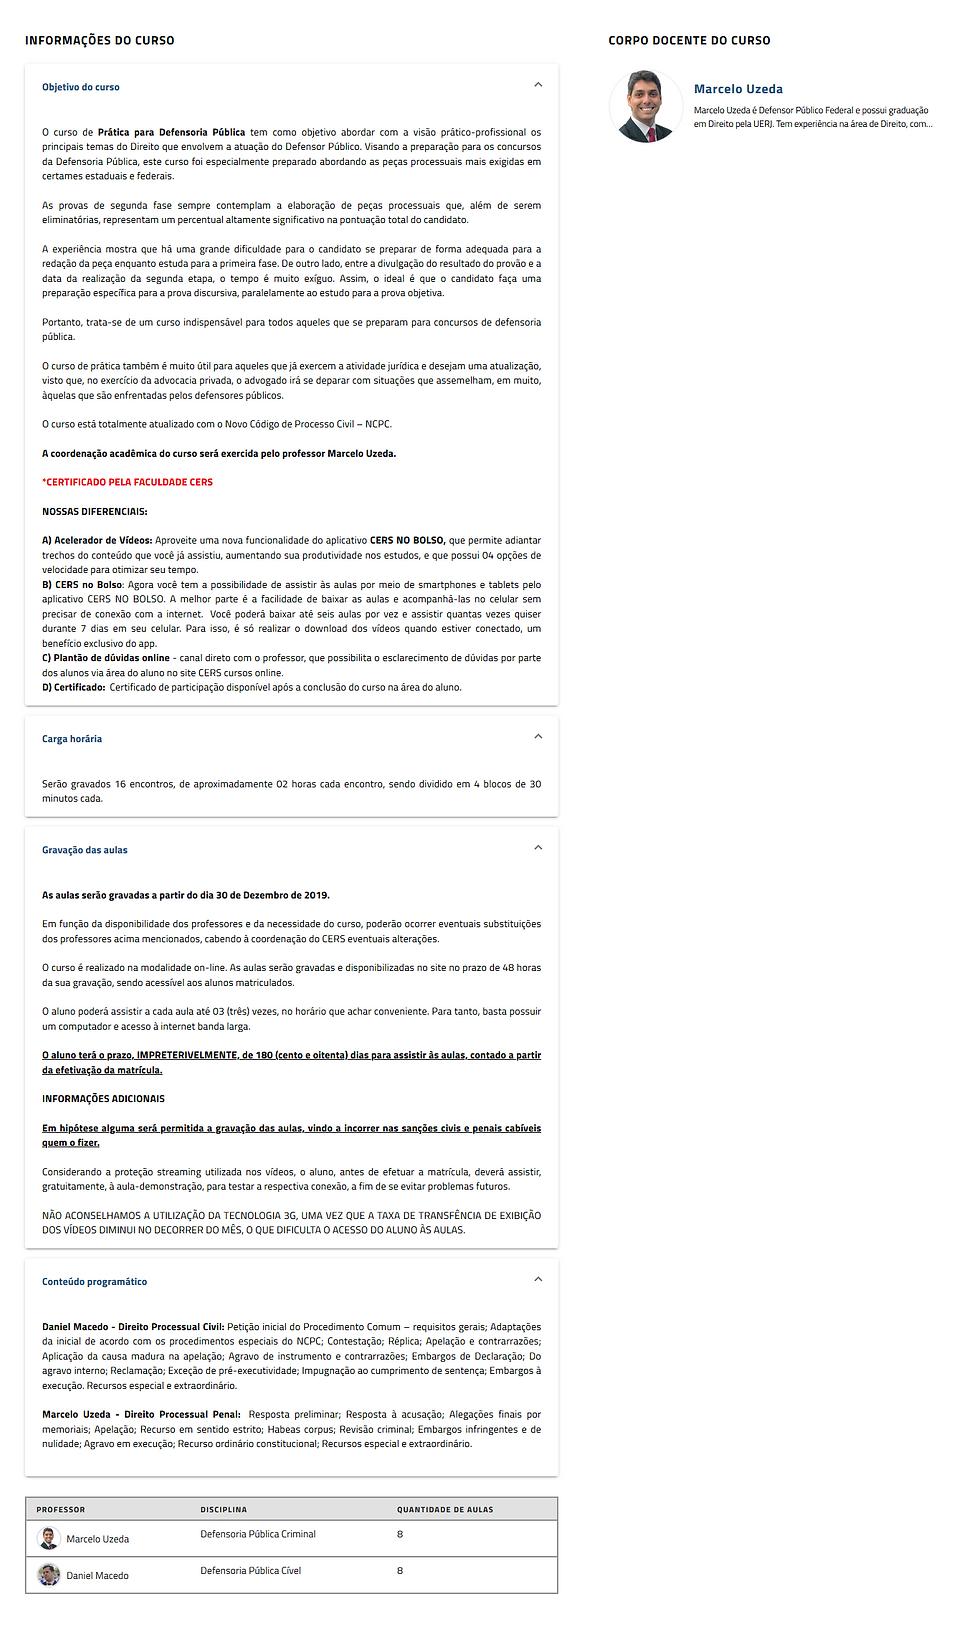 Prática_em_Defensoria_Pública_-_CS.png